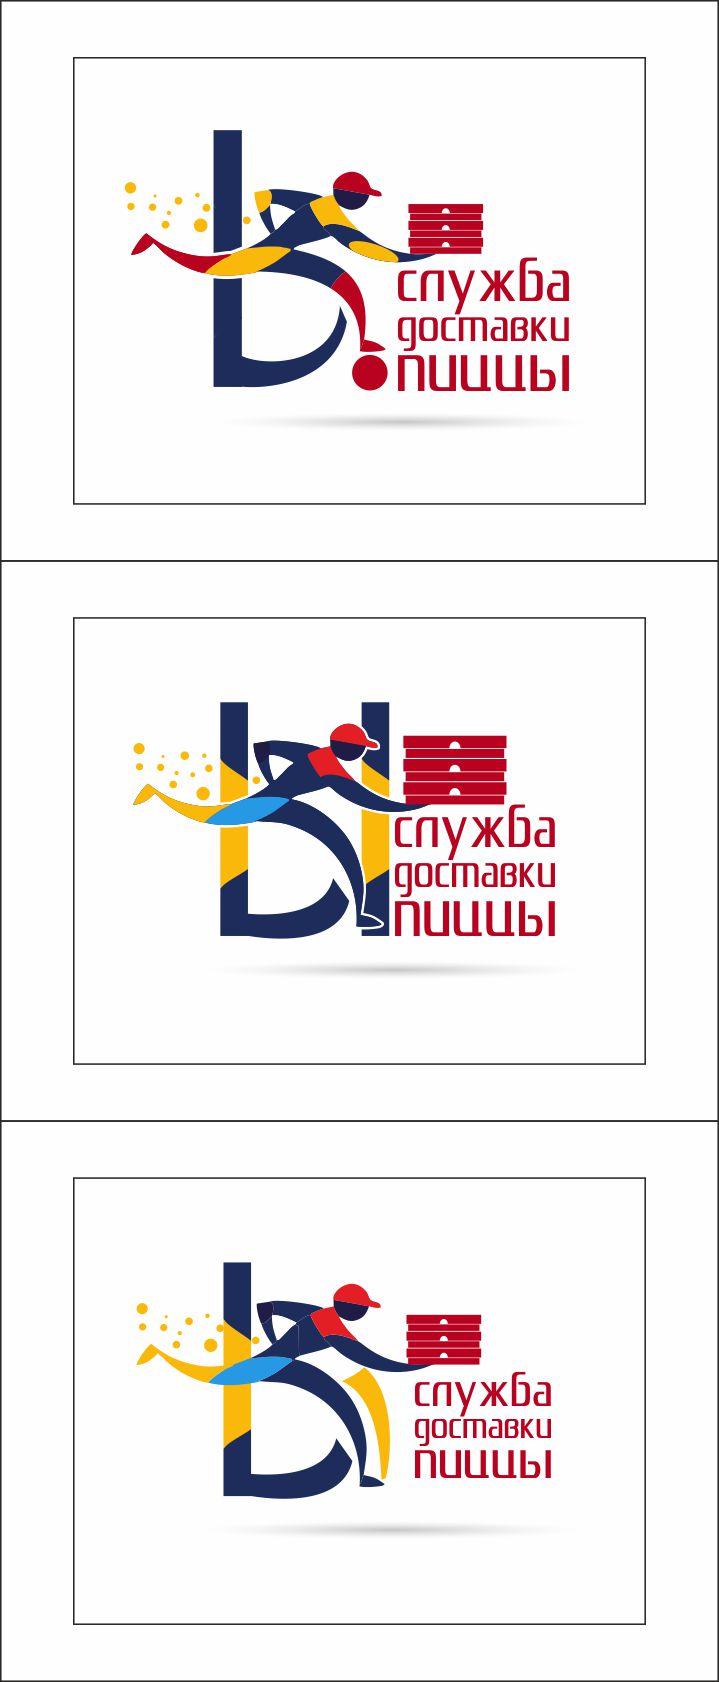 Разыскивается дизайнер для разработки лого службы доставки фото f_3105c34e4f31fc8a.jpg